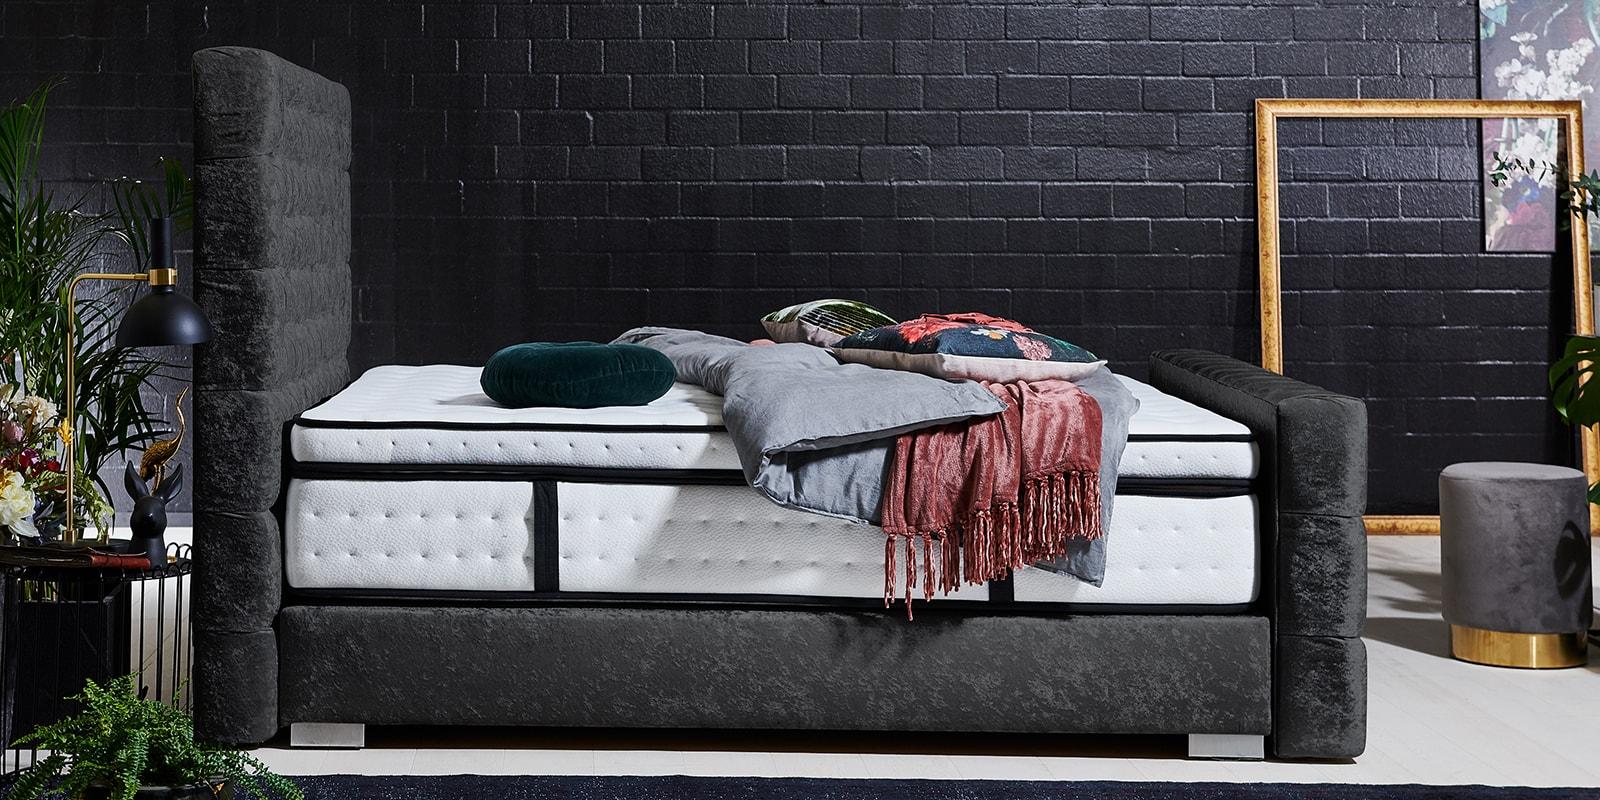 Moebella24 - Boxspringbett Manchester - Chesterfield-Stil - Barock-Stil - Samt glänzend schwarz von der Seite